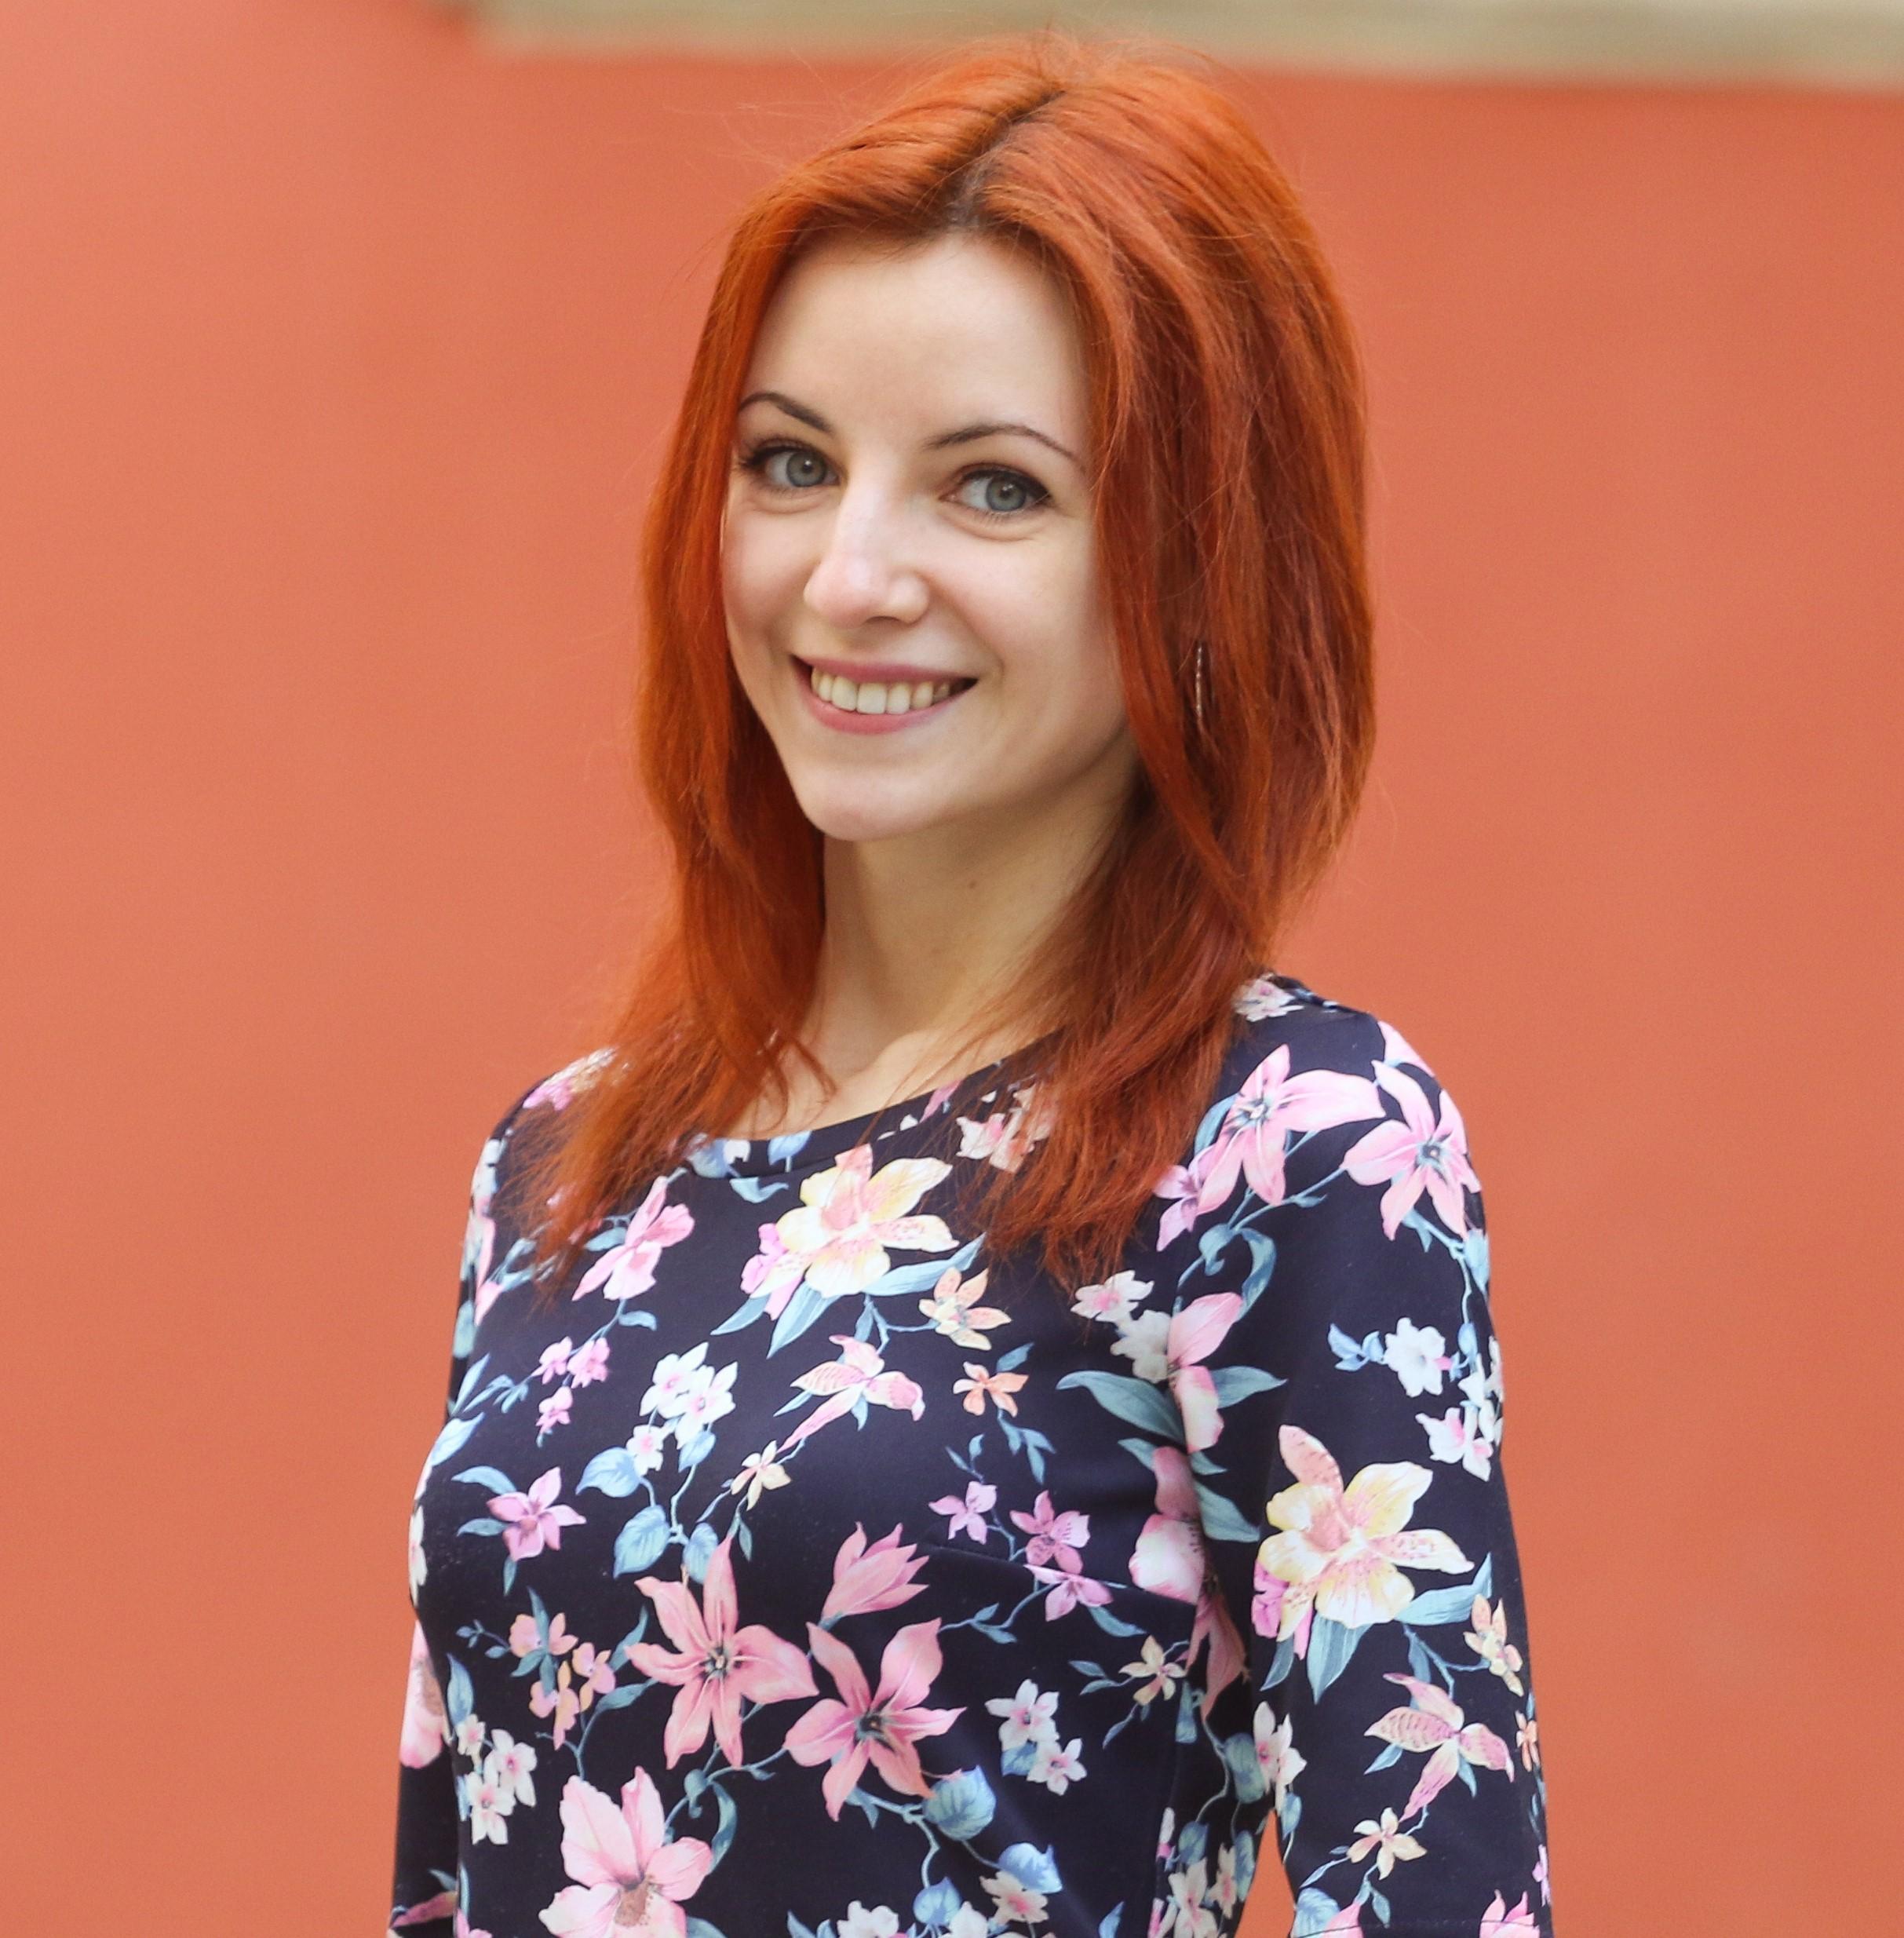 Mariana Shchepanska